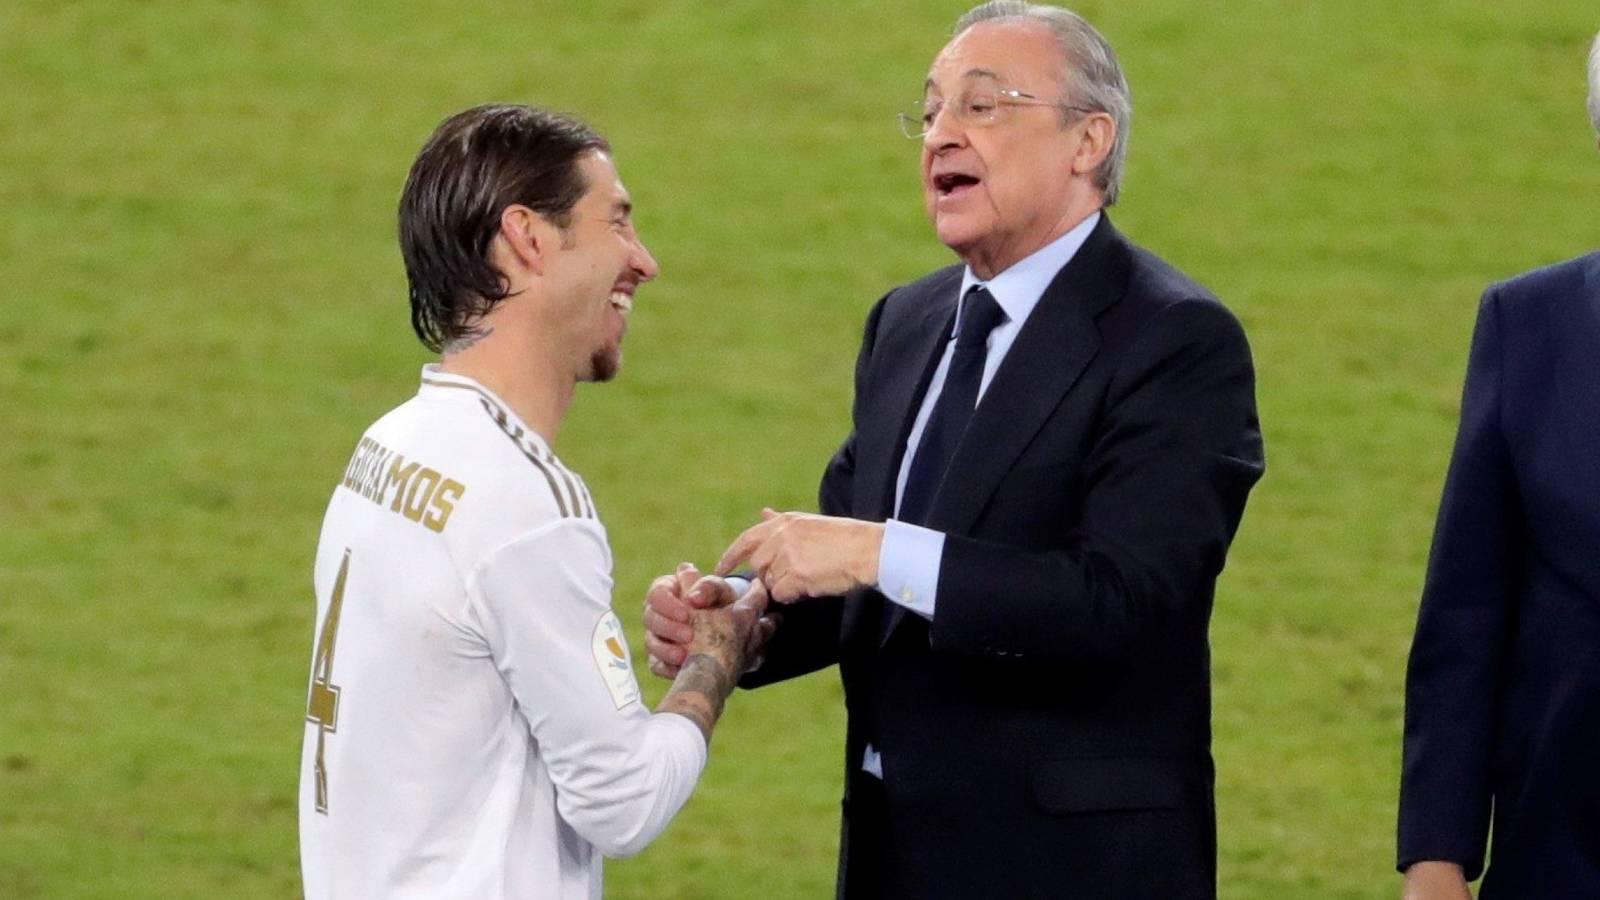 El Real Madrid pacta una rebaja salarial con la plantilla de hasta el 20% debido a la crisis por el coronavirus.